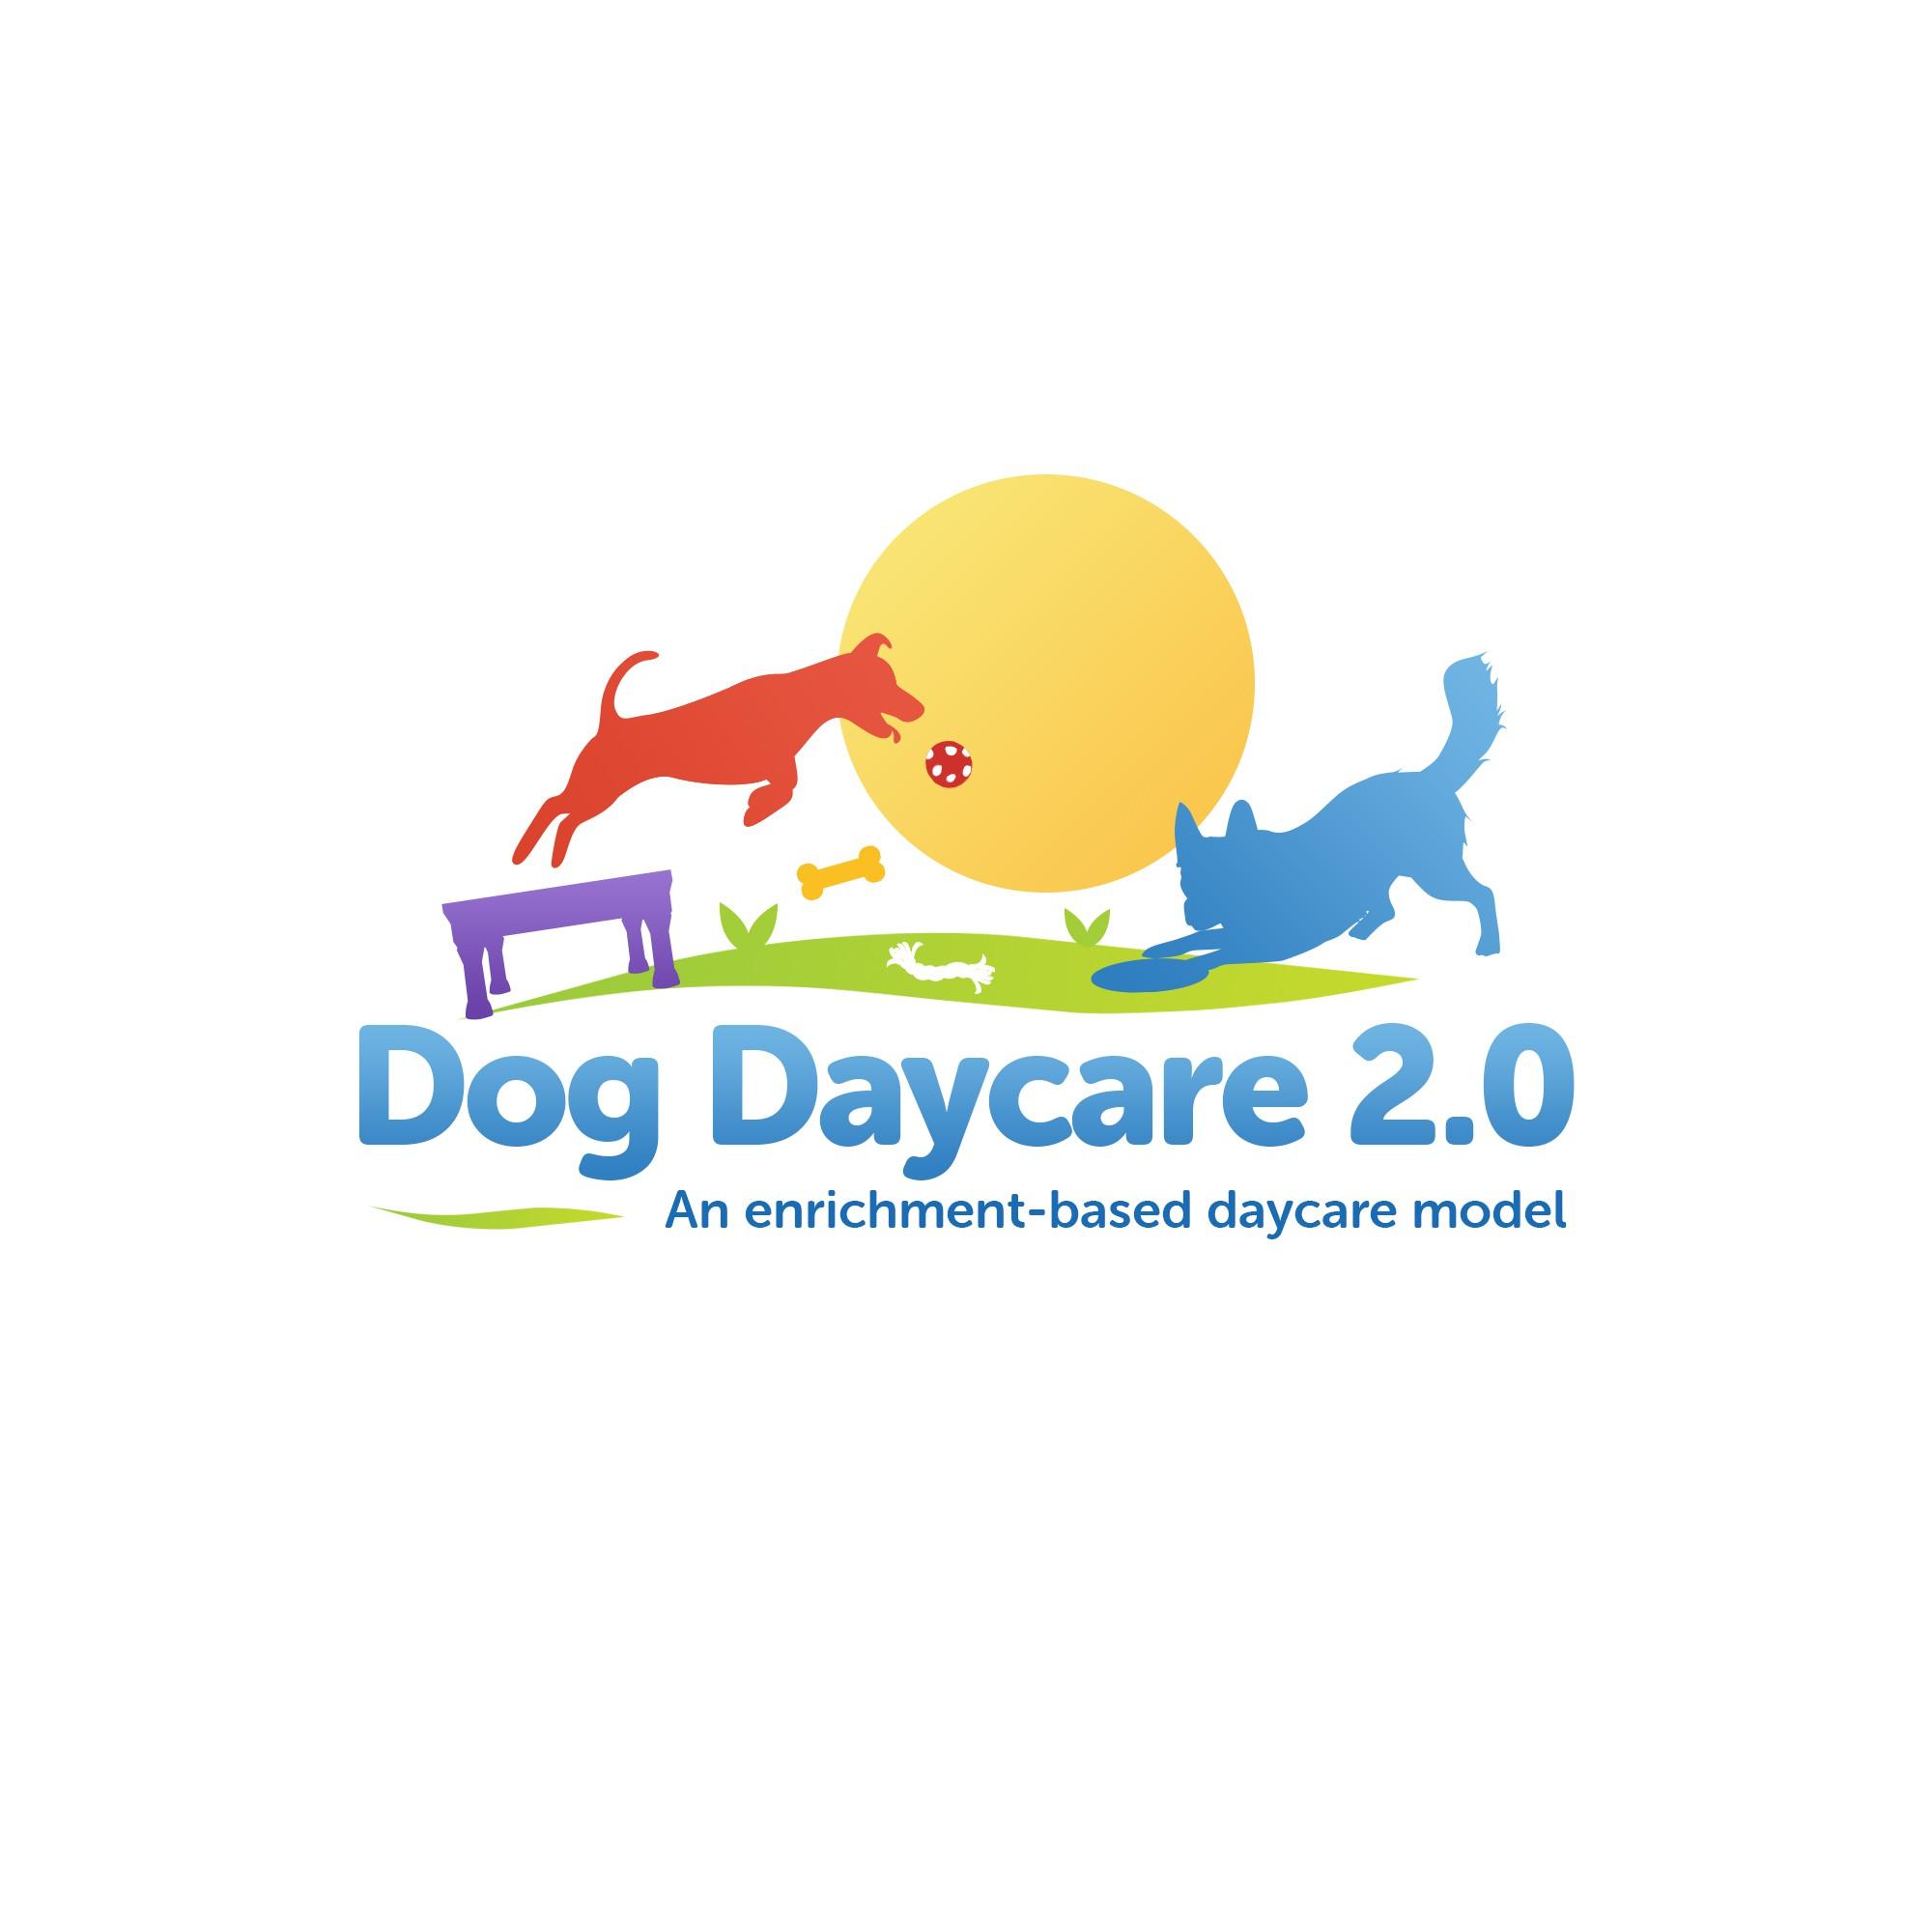 Dog Daycare 2.0